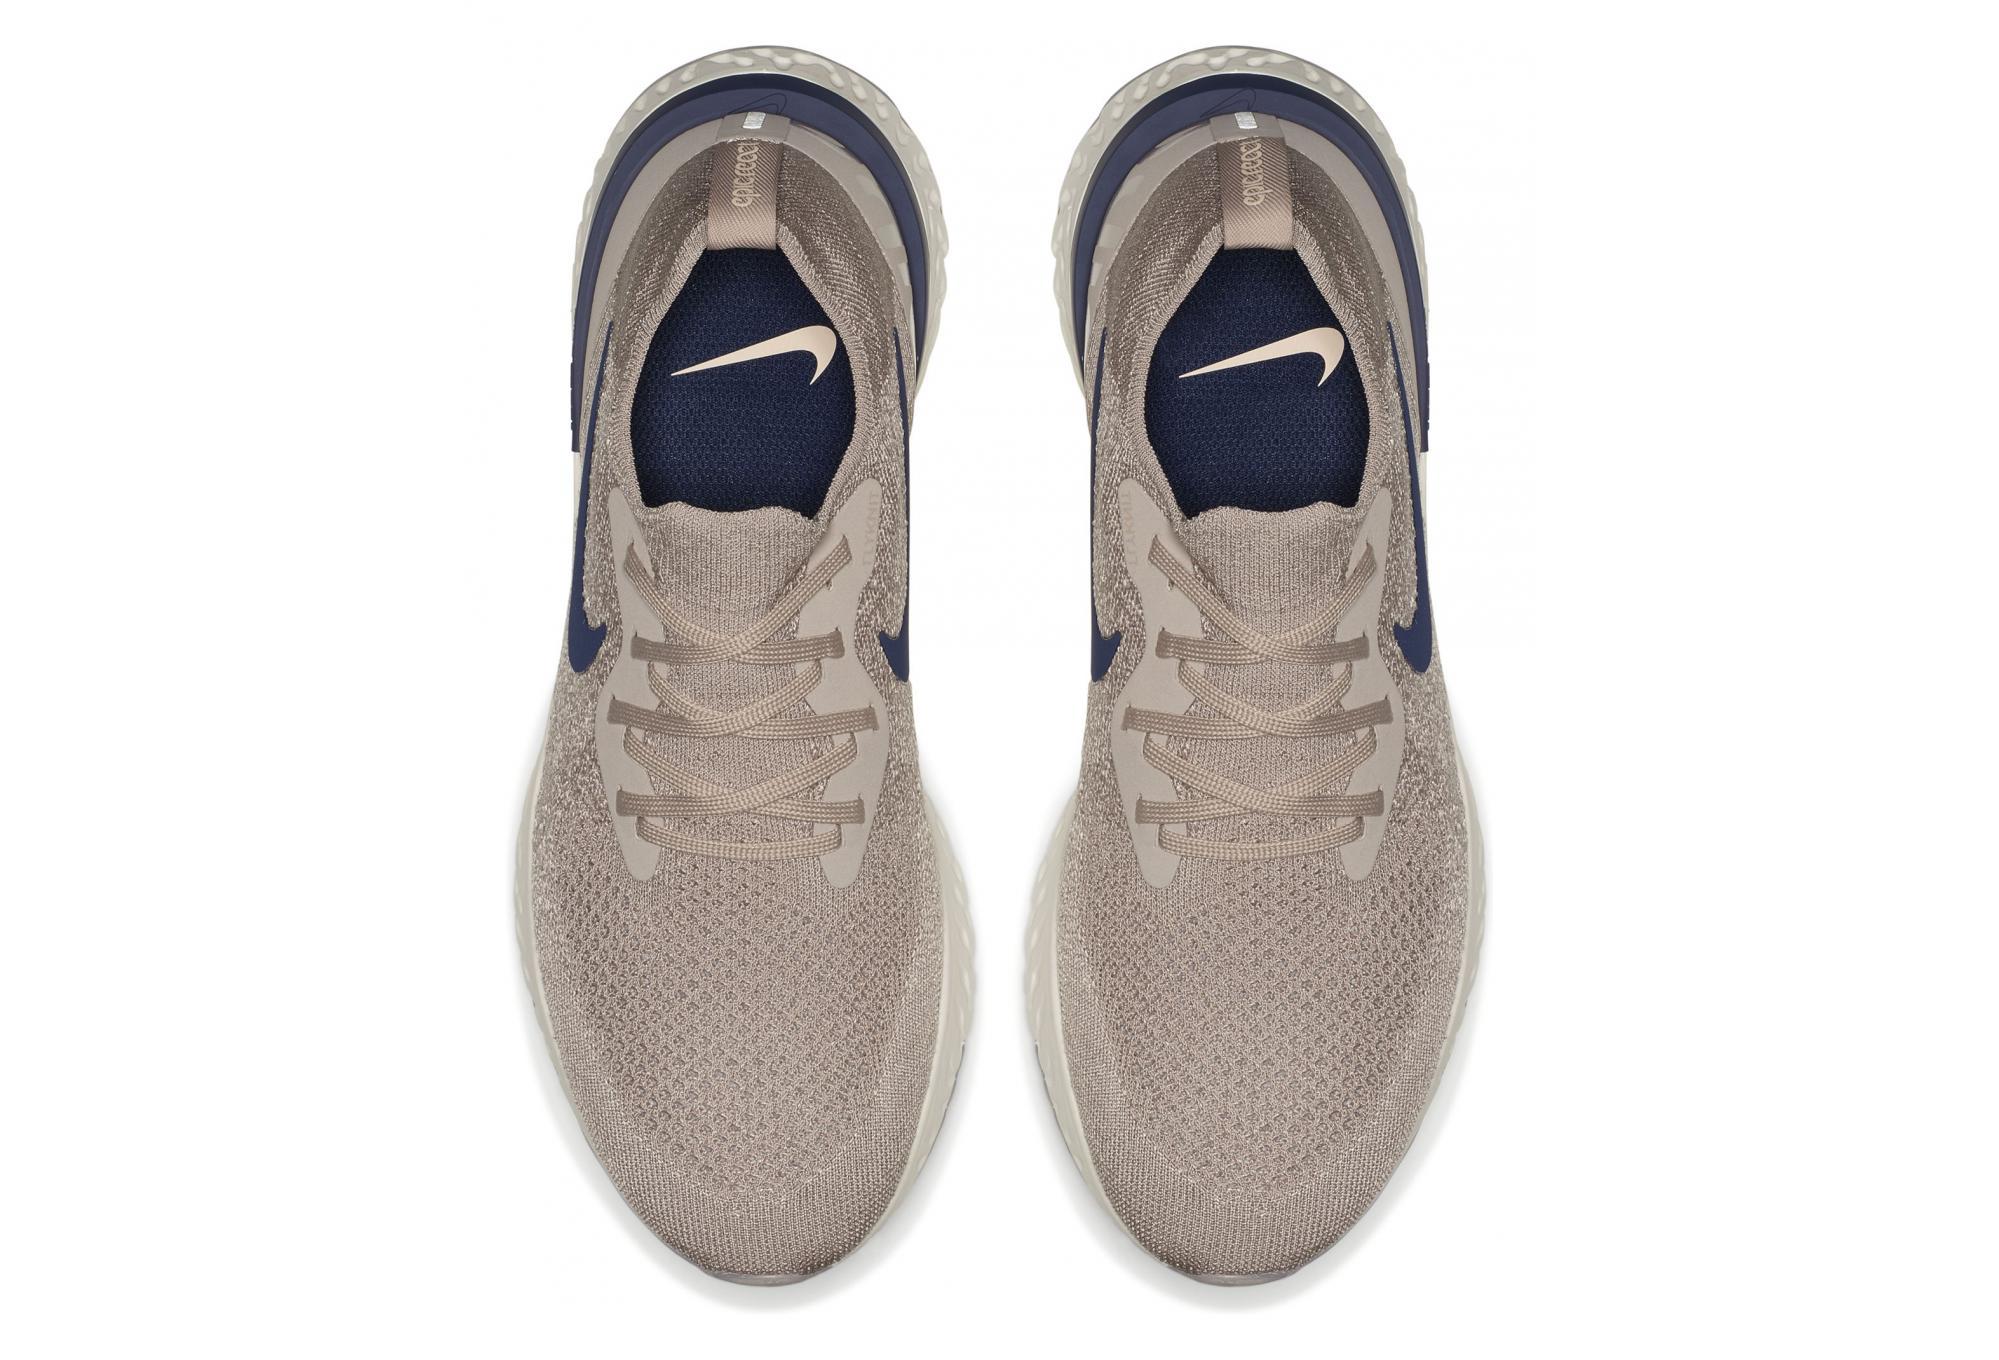 Nike Schuhe Epic React Flyknit Beige Blau Männer